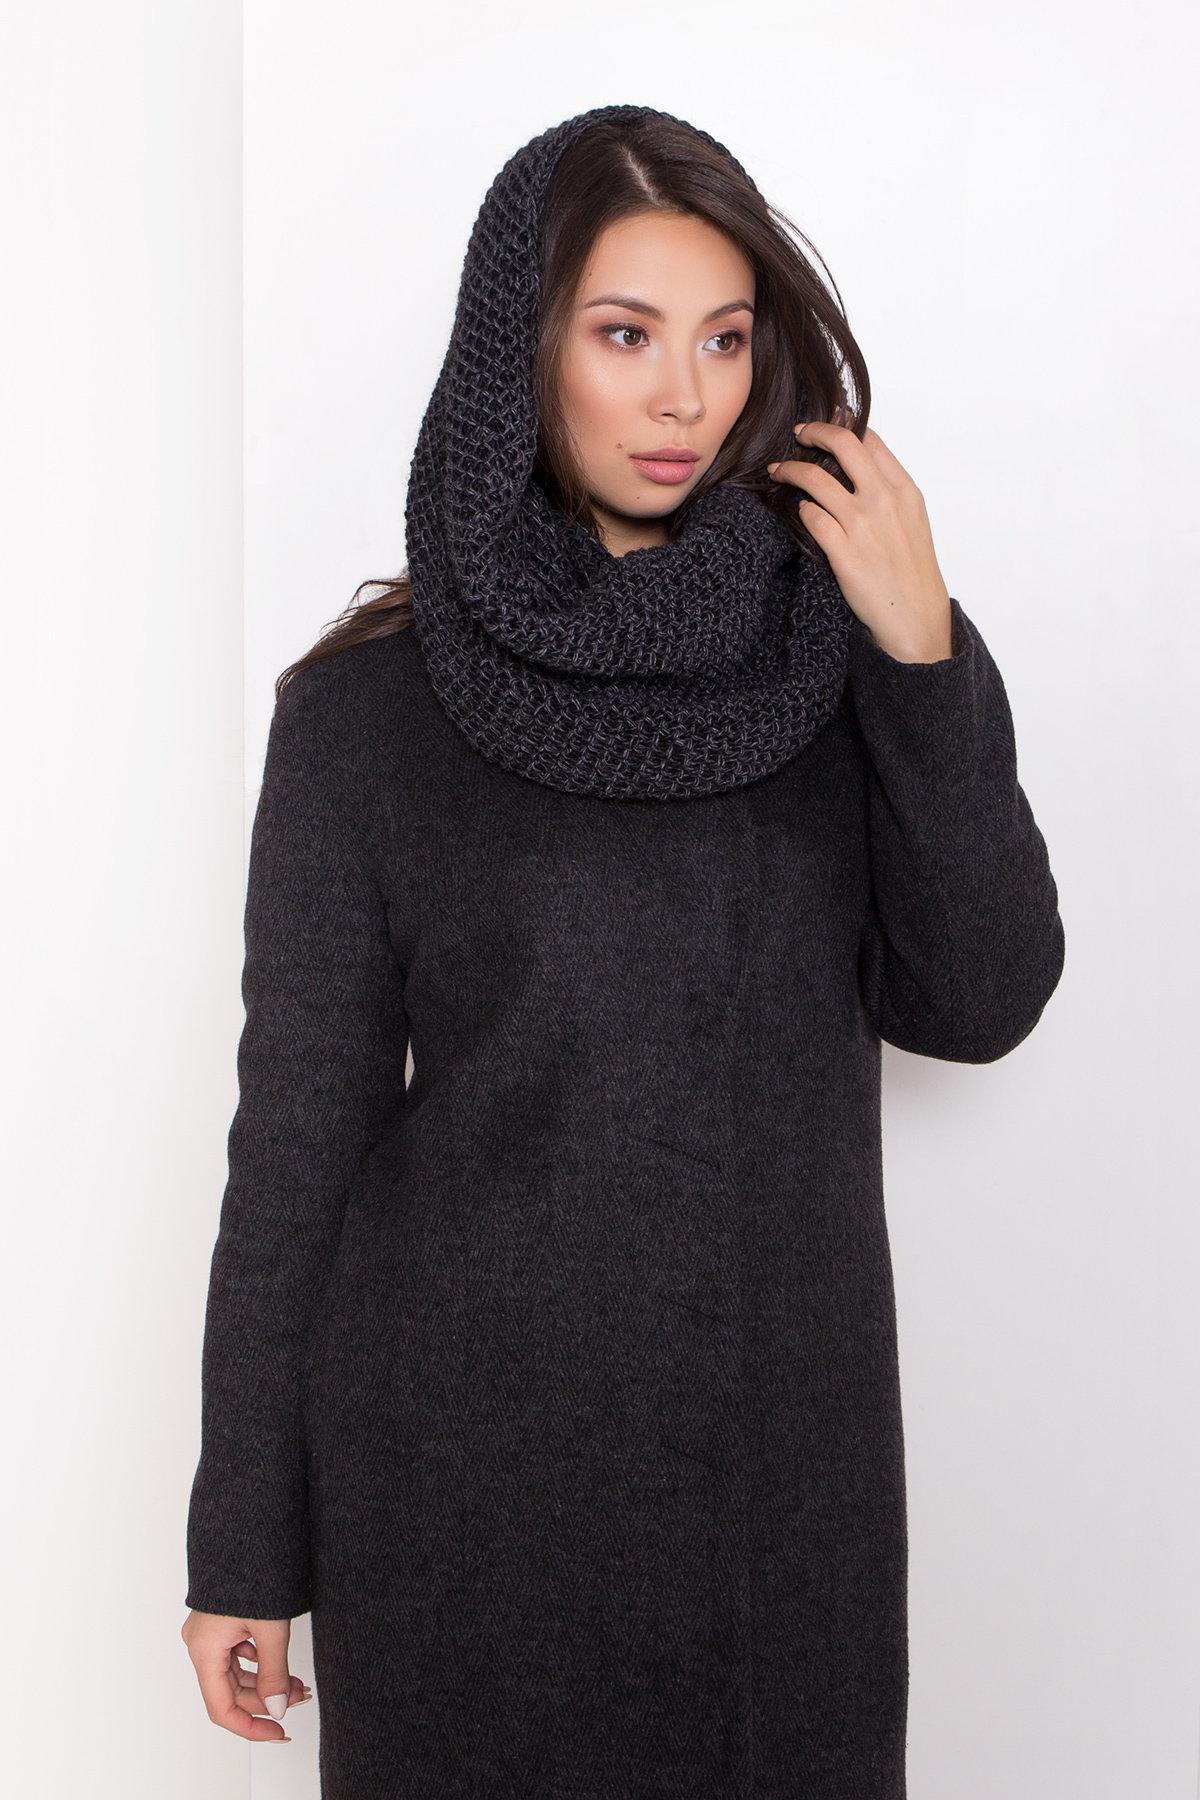 Зимнее пальто полуприталенного кроя Севен 8262 АРТ. 44329 Цвет: Чёрный/молоко - фото 6, интернет магазин tm-modus.ru